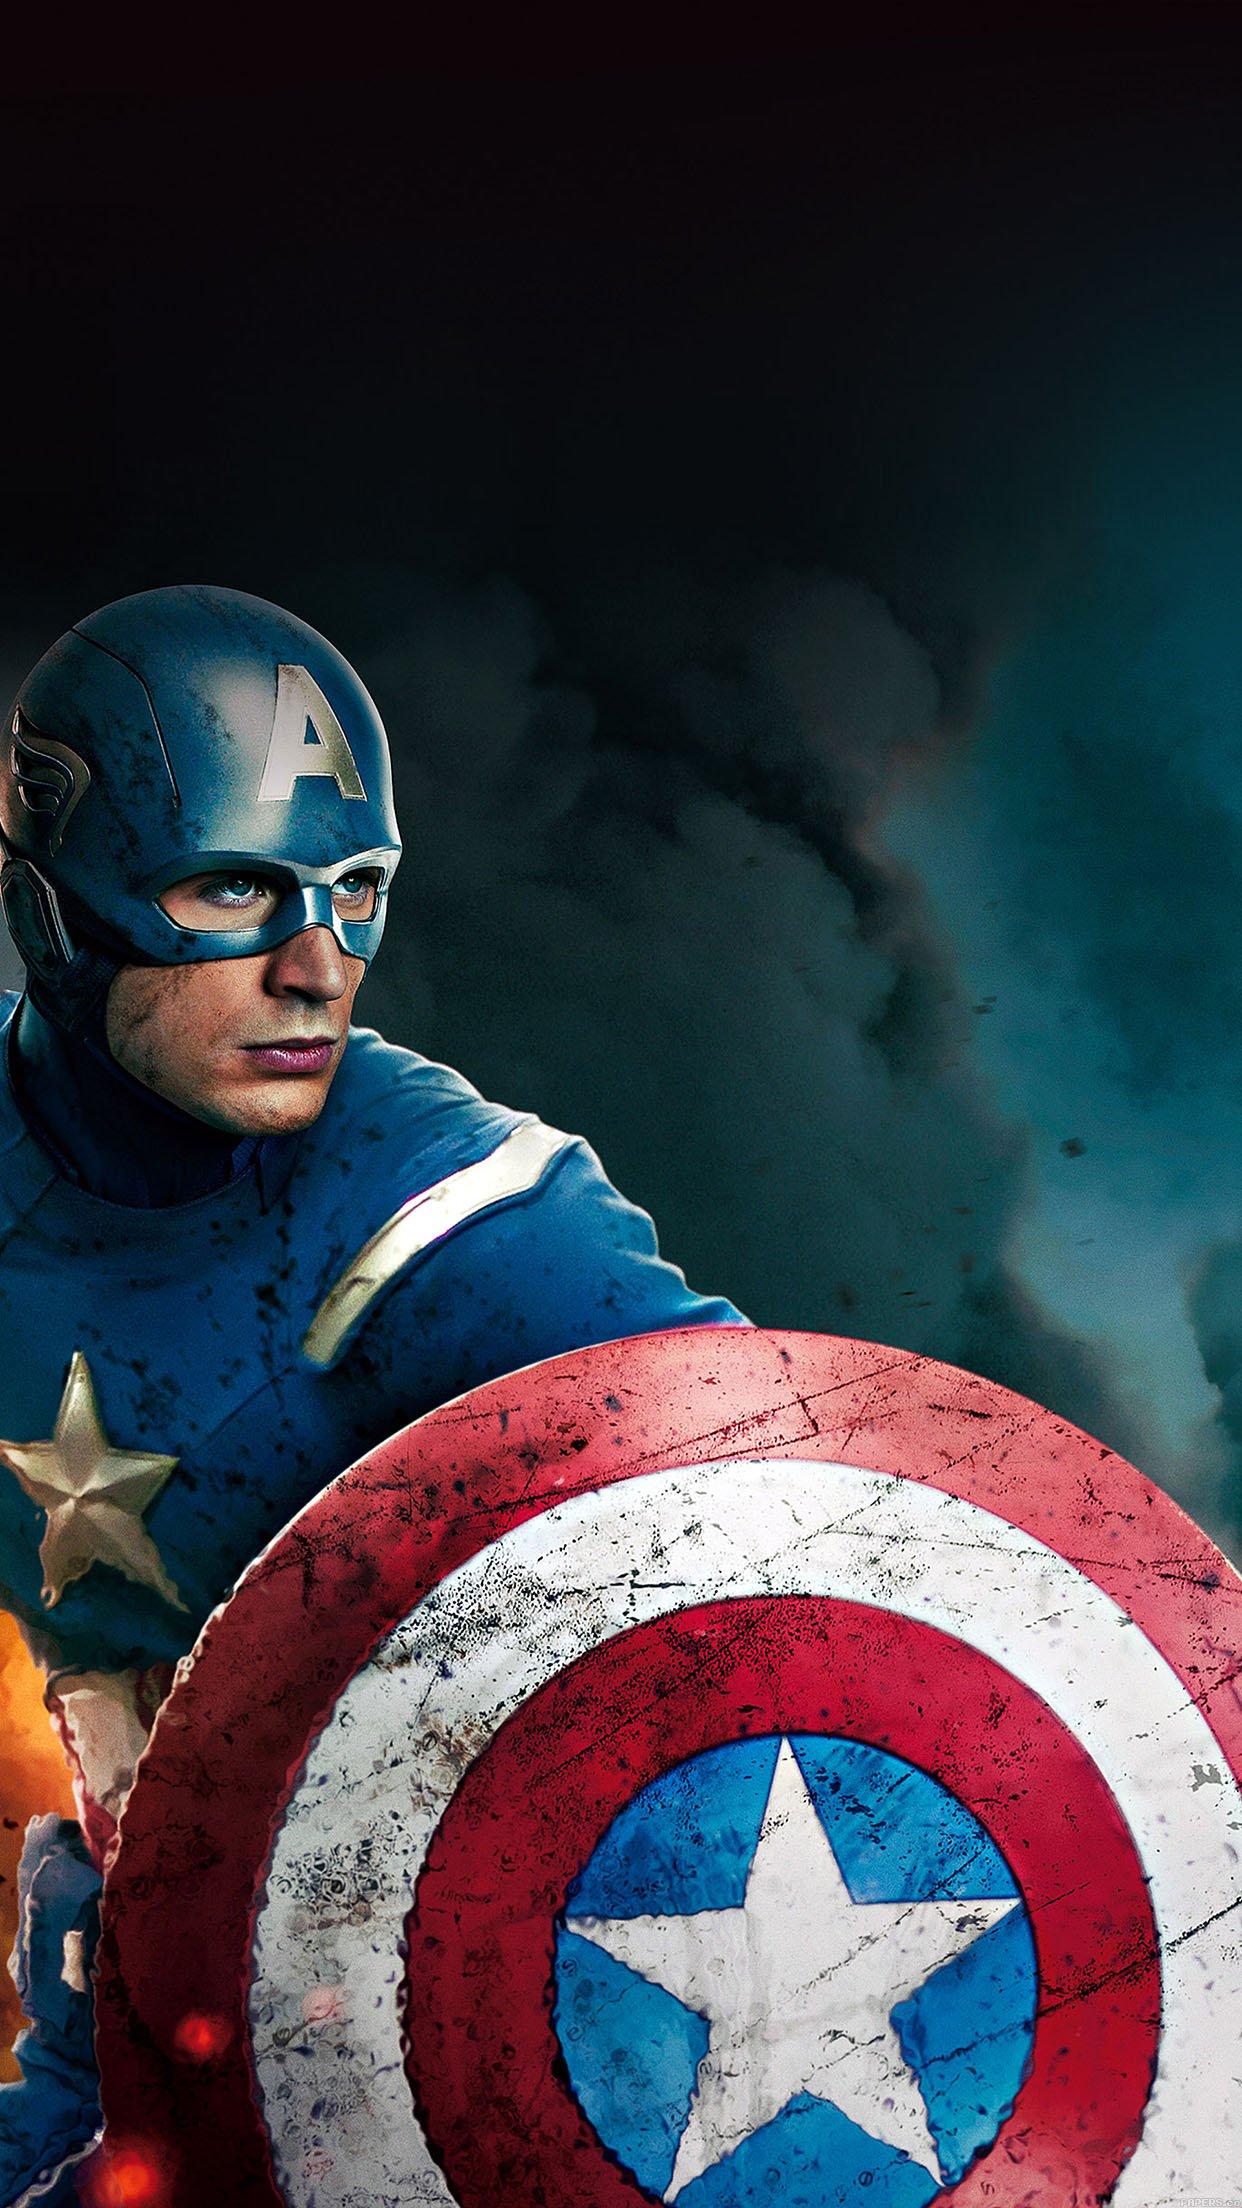 Wallpaper Captain America Avengers Illust Film Android Wallpaper